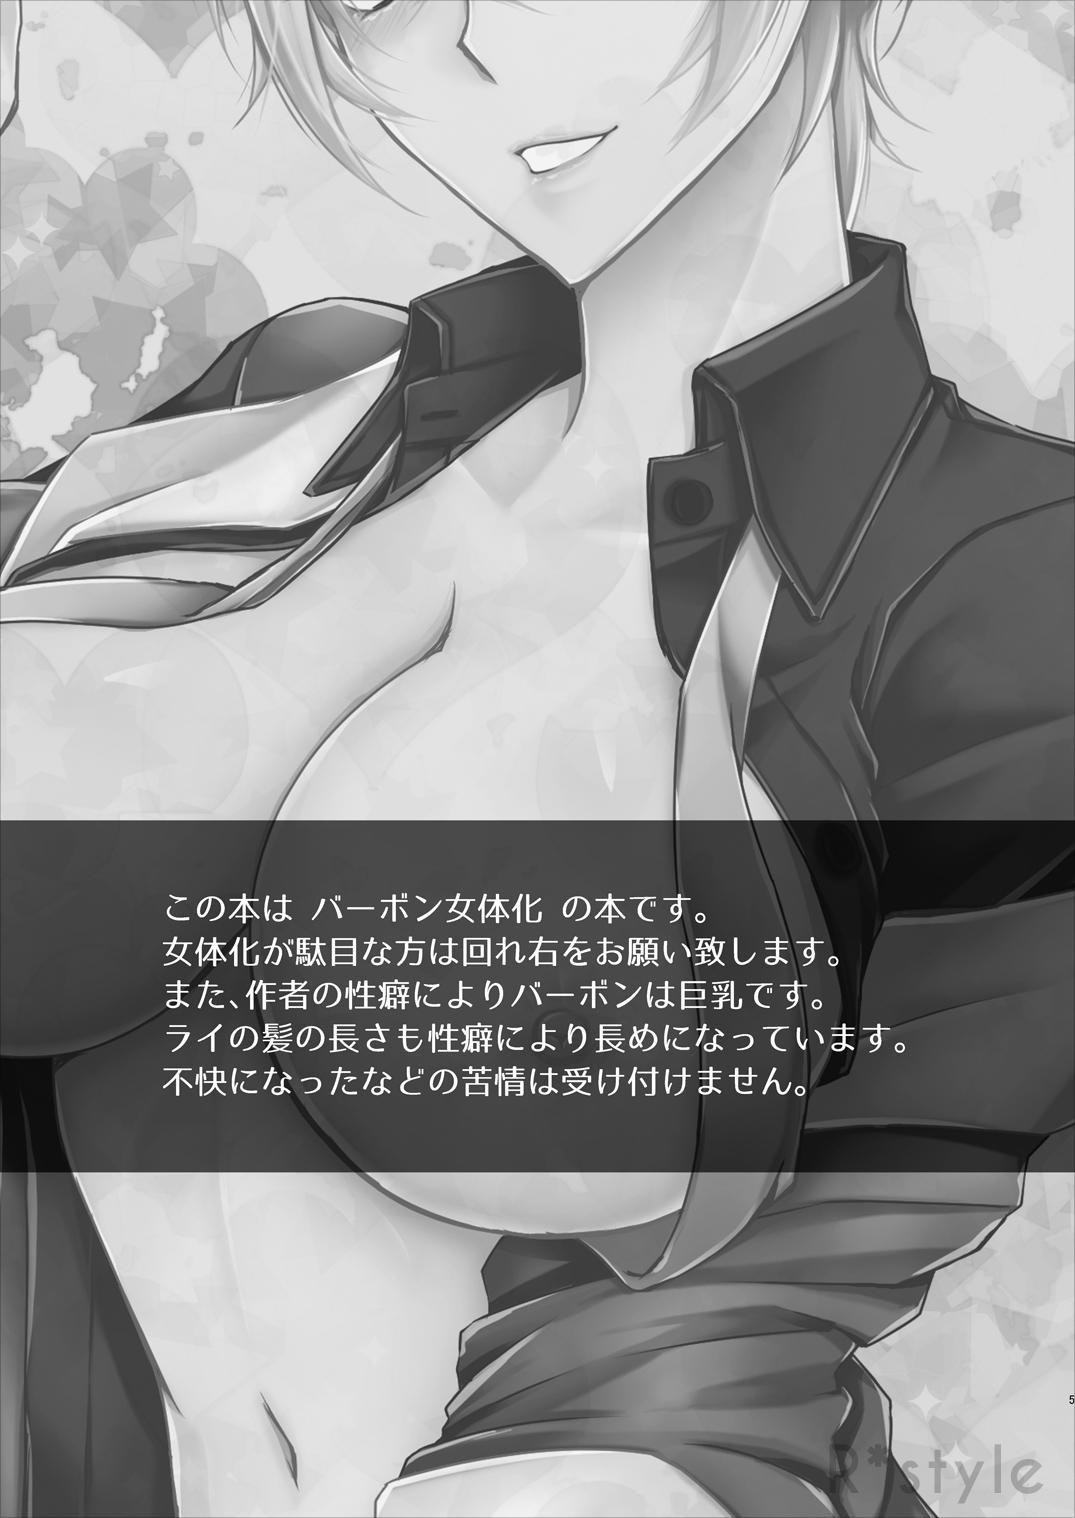 Kanojo wa Himitsu o Motteiru Side:RB 3